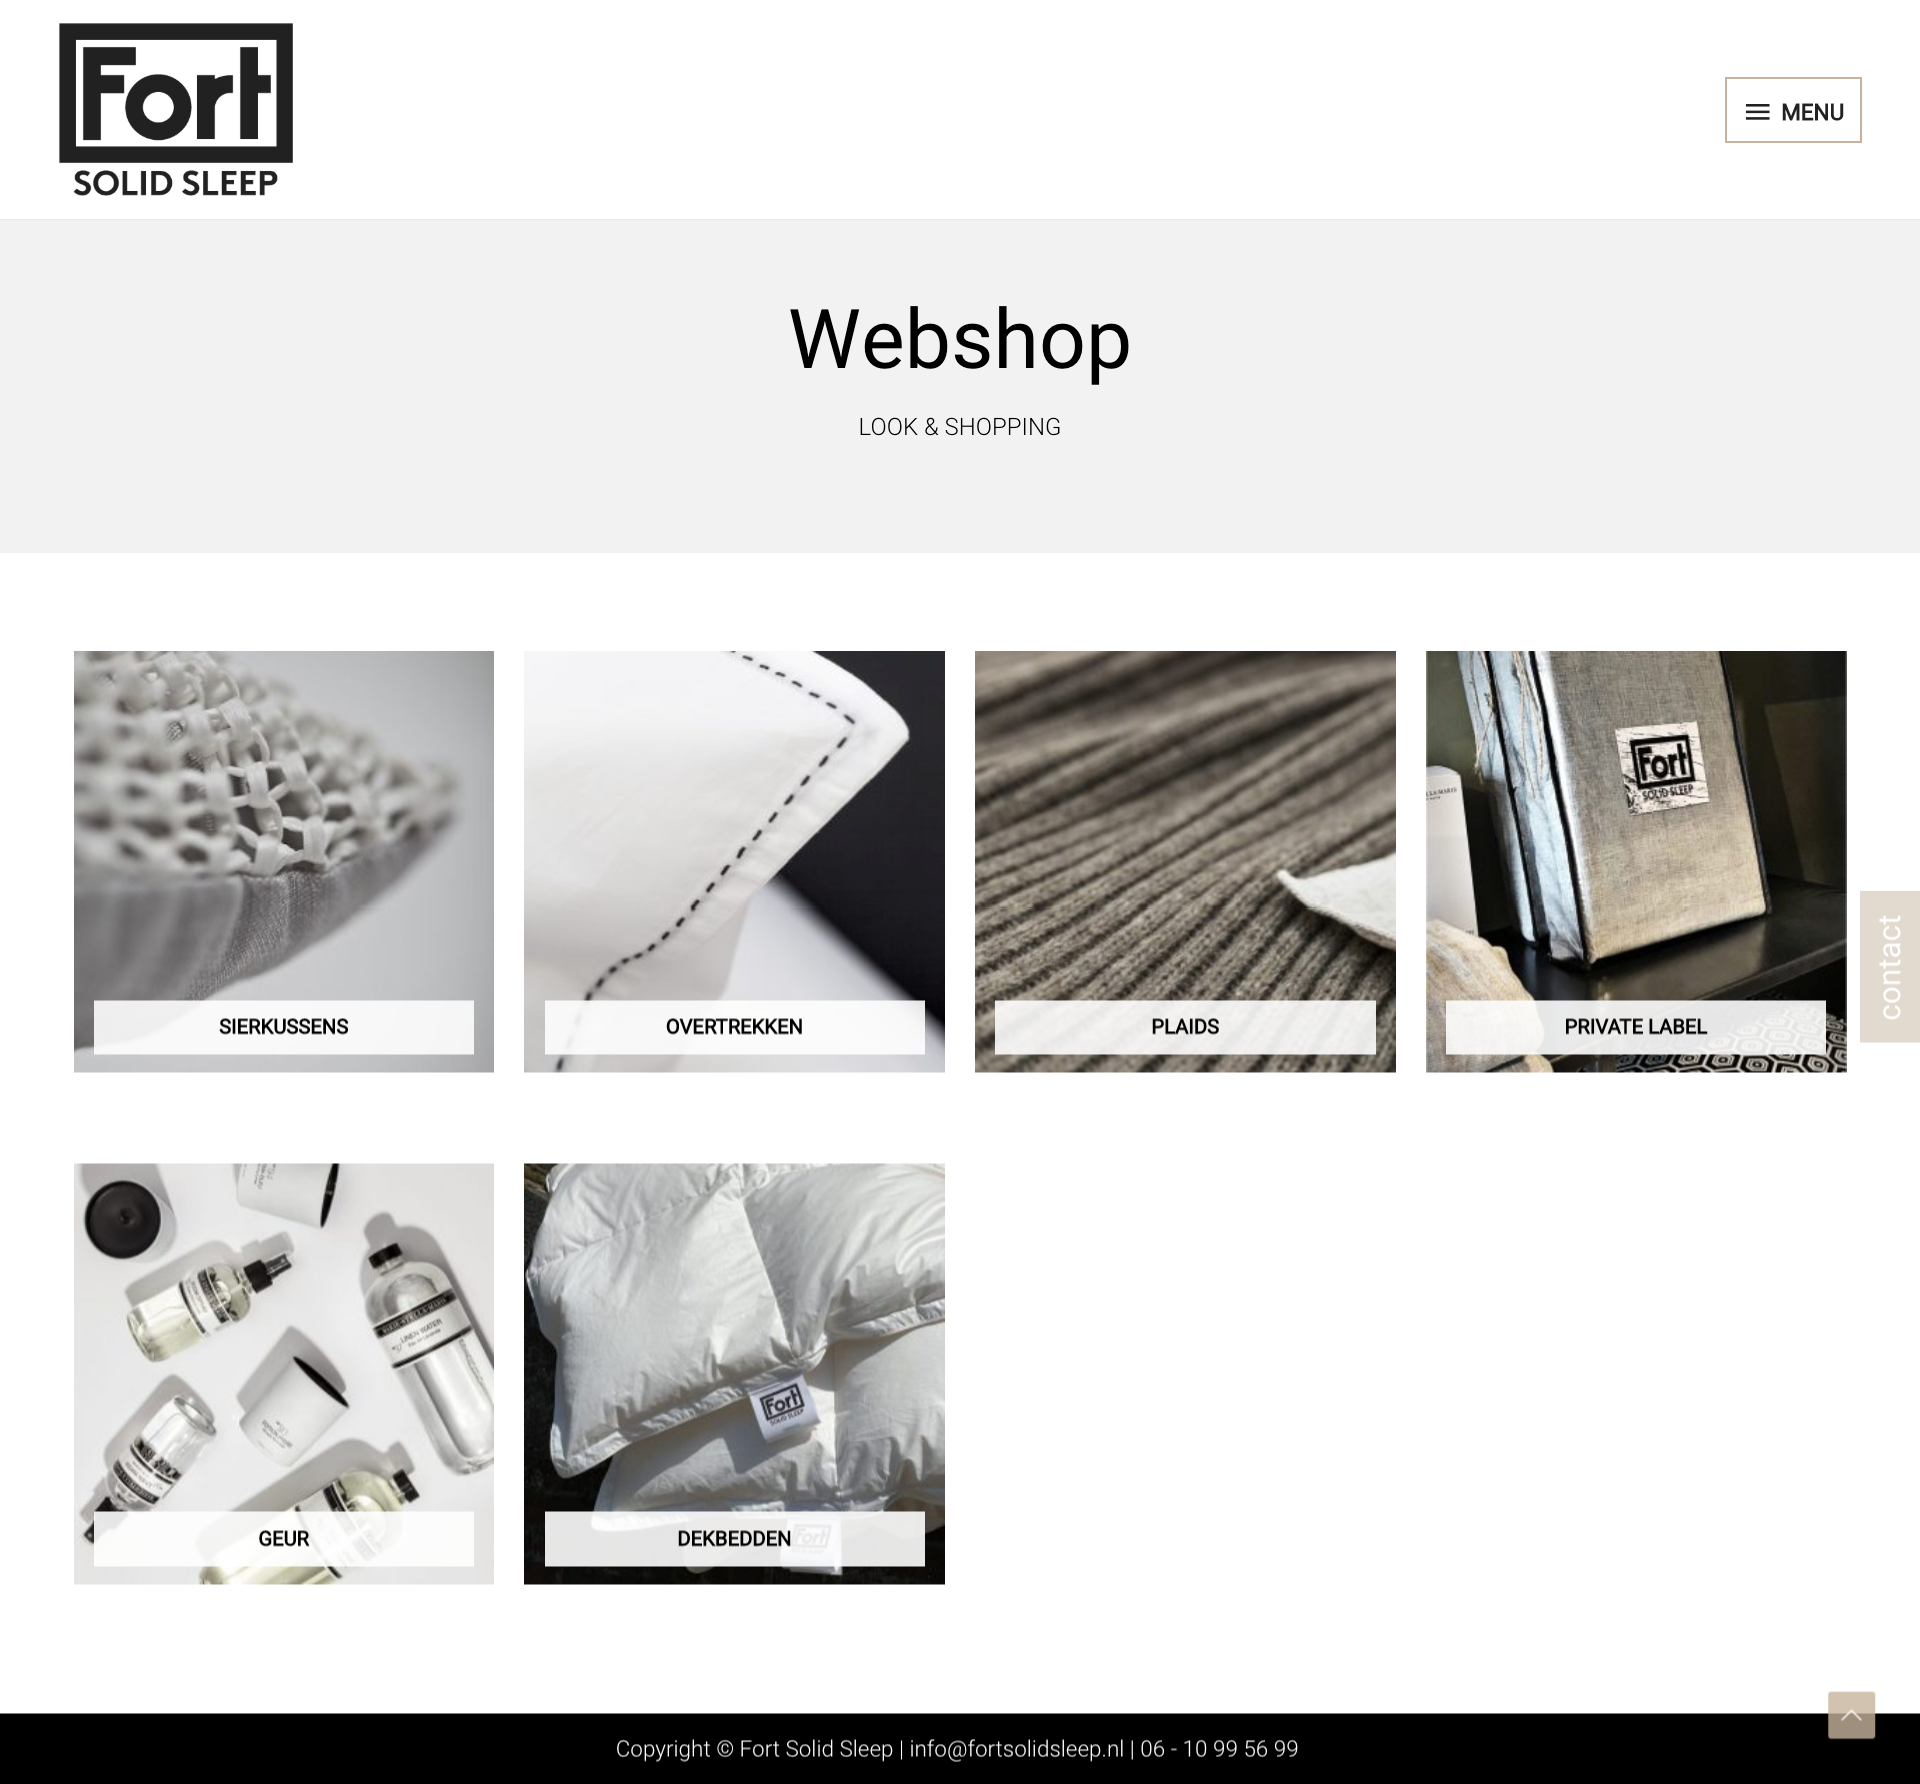 FortSolidSleep - Webshop